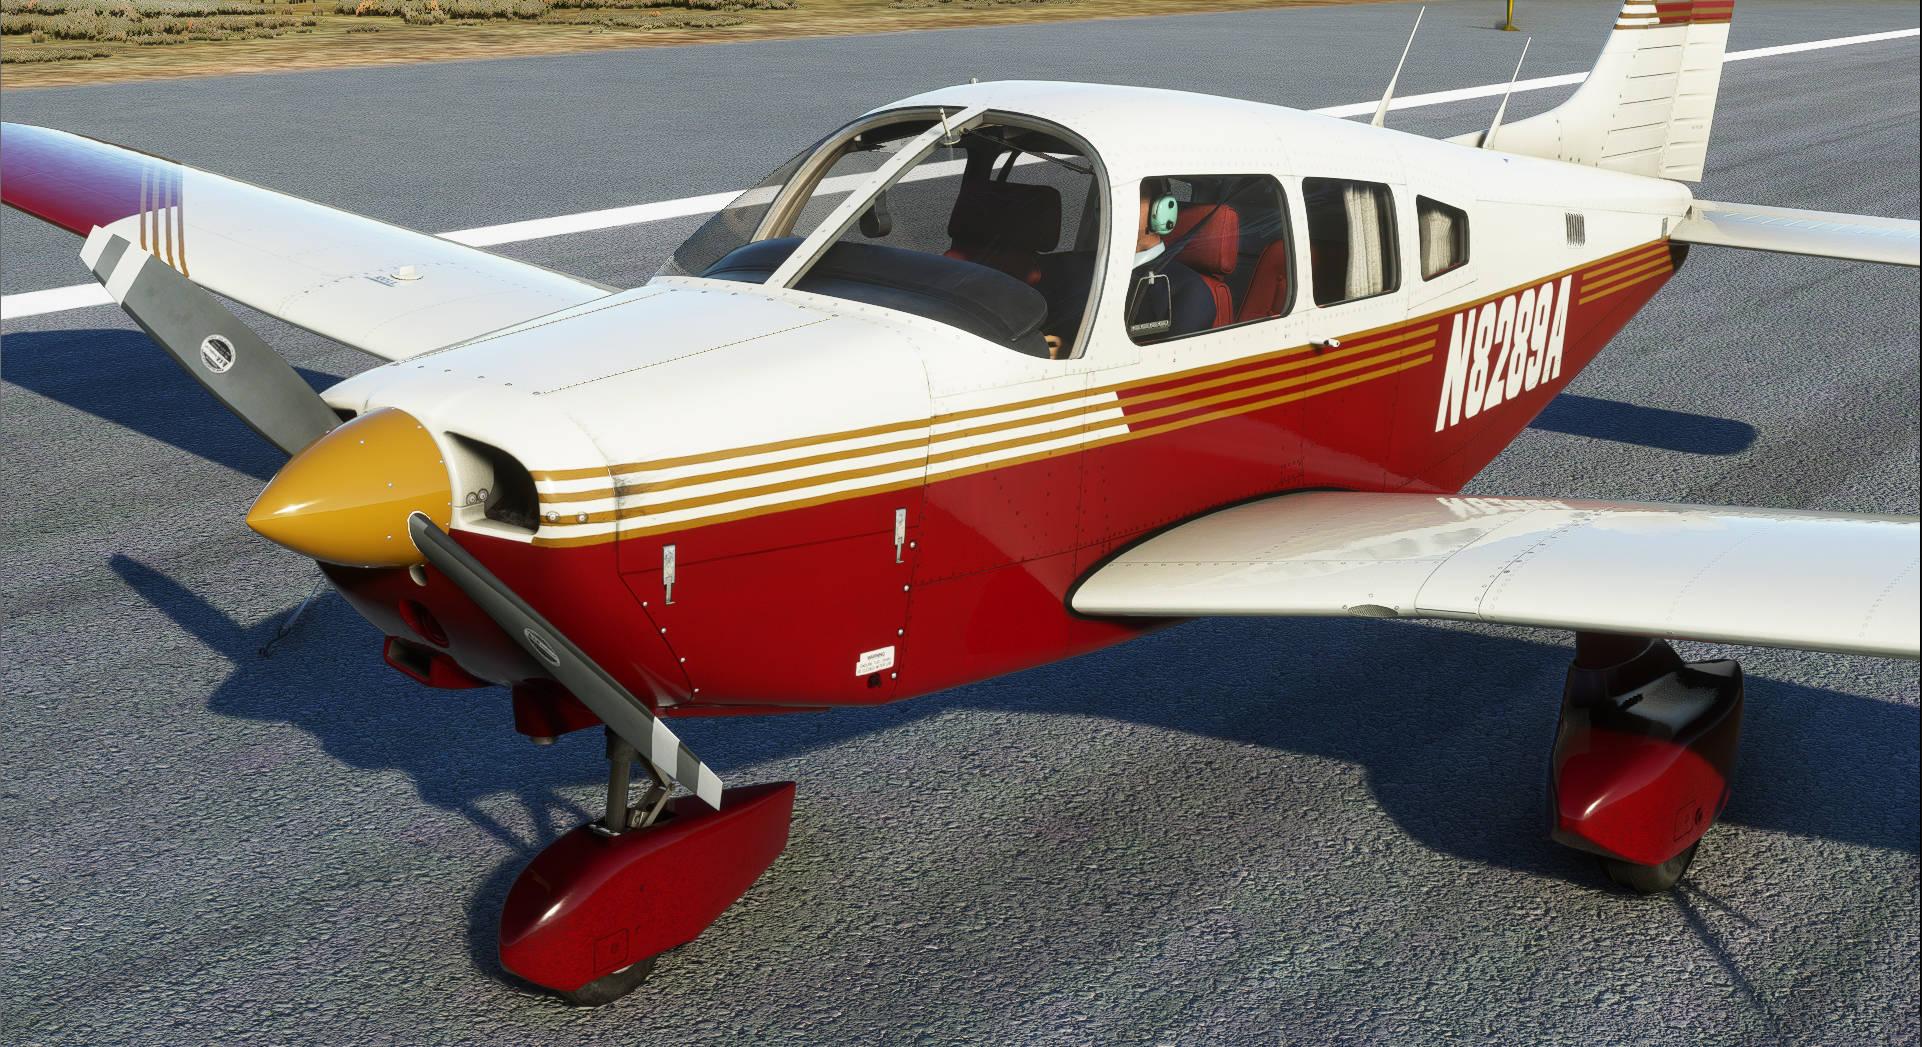 pa28-161-warrior-ii-microsoft-flight-simulator_9_ss_l_210721103050